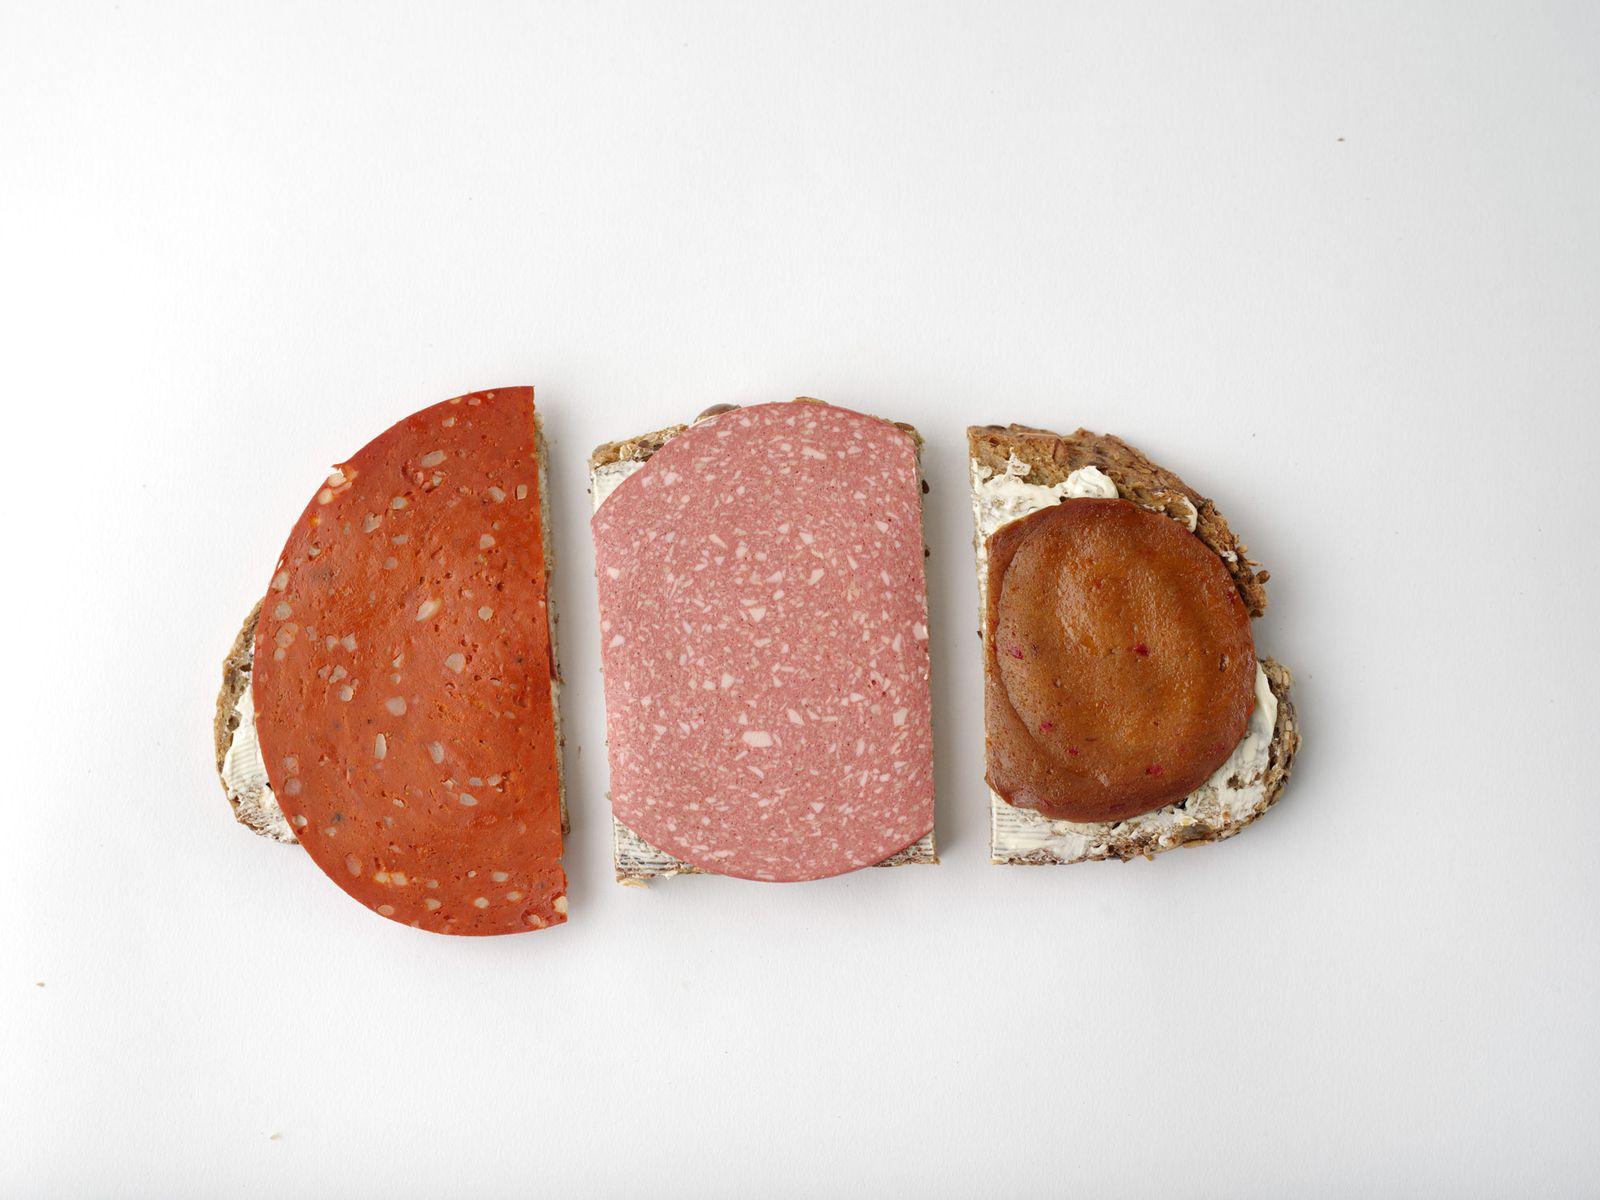 EINMALIGE VERWENDUNG Stiftung Warentest 7 vegetarische Wurst